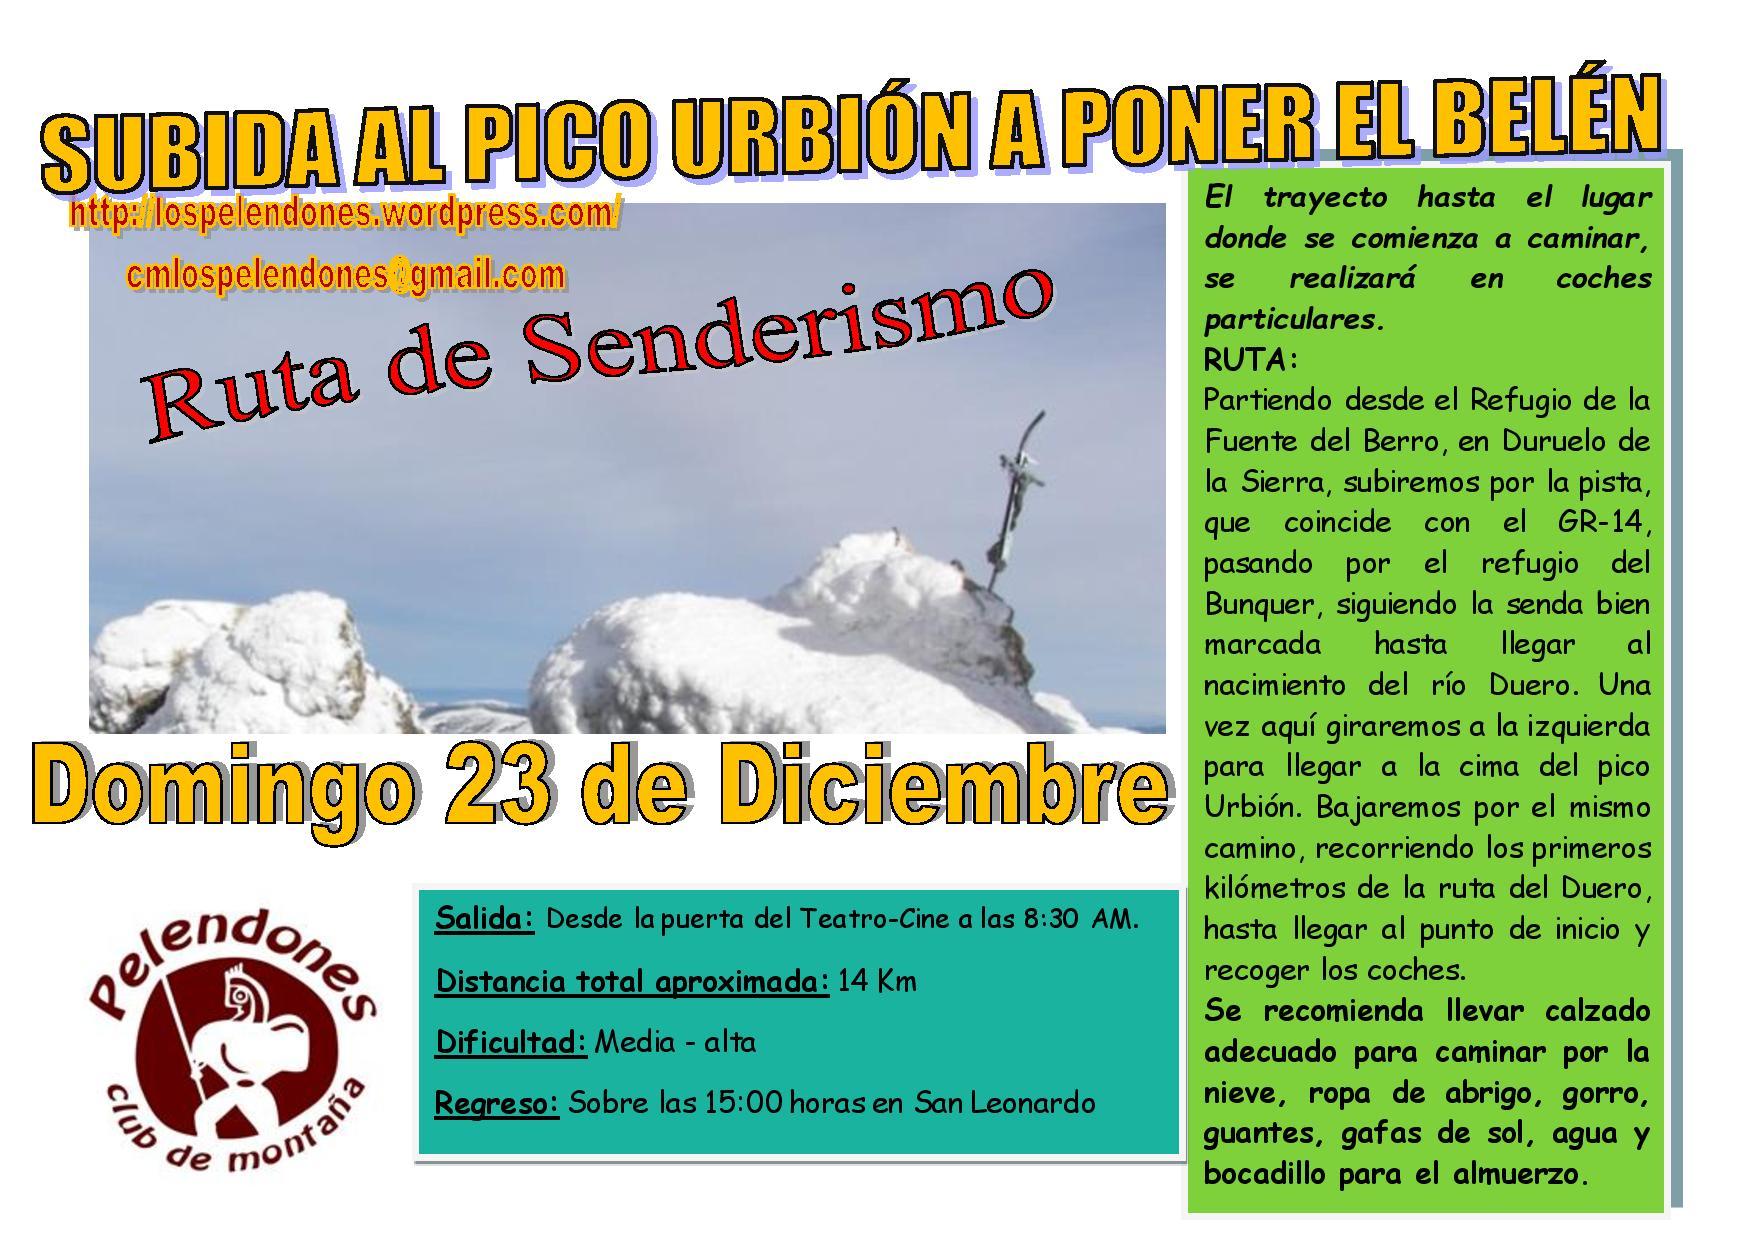 Cartel subida a poner el Belen al Urbión 2018-page-001